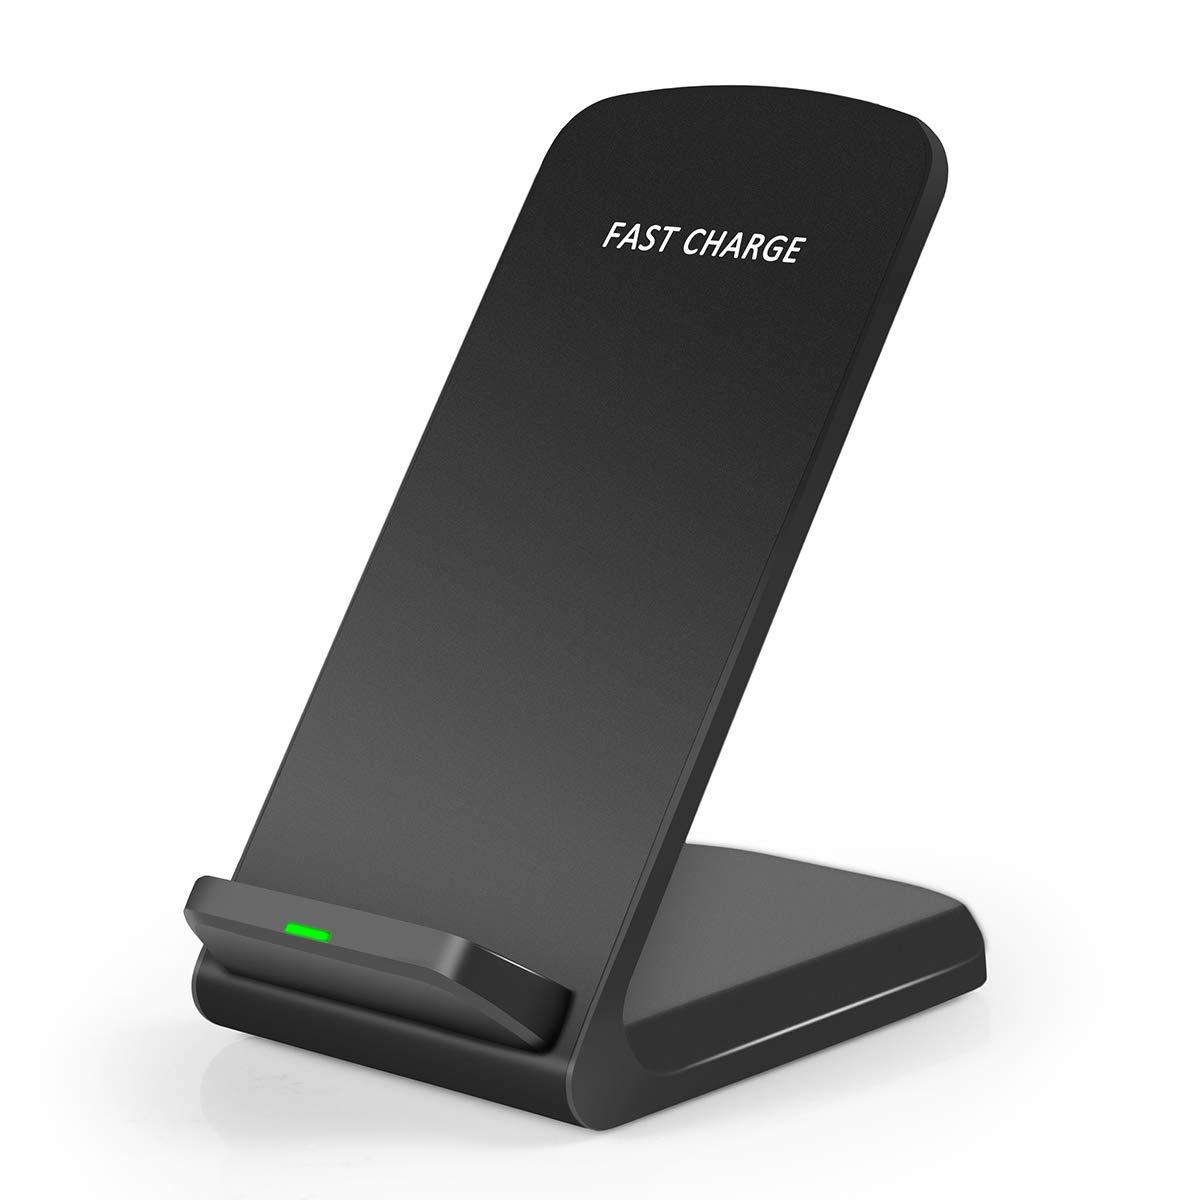 Photive Rapid Desktop Charging StationBlack Friday Deals